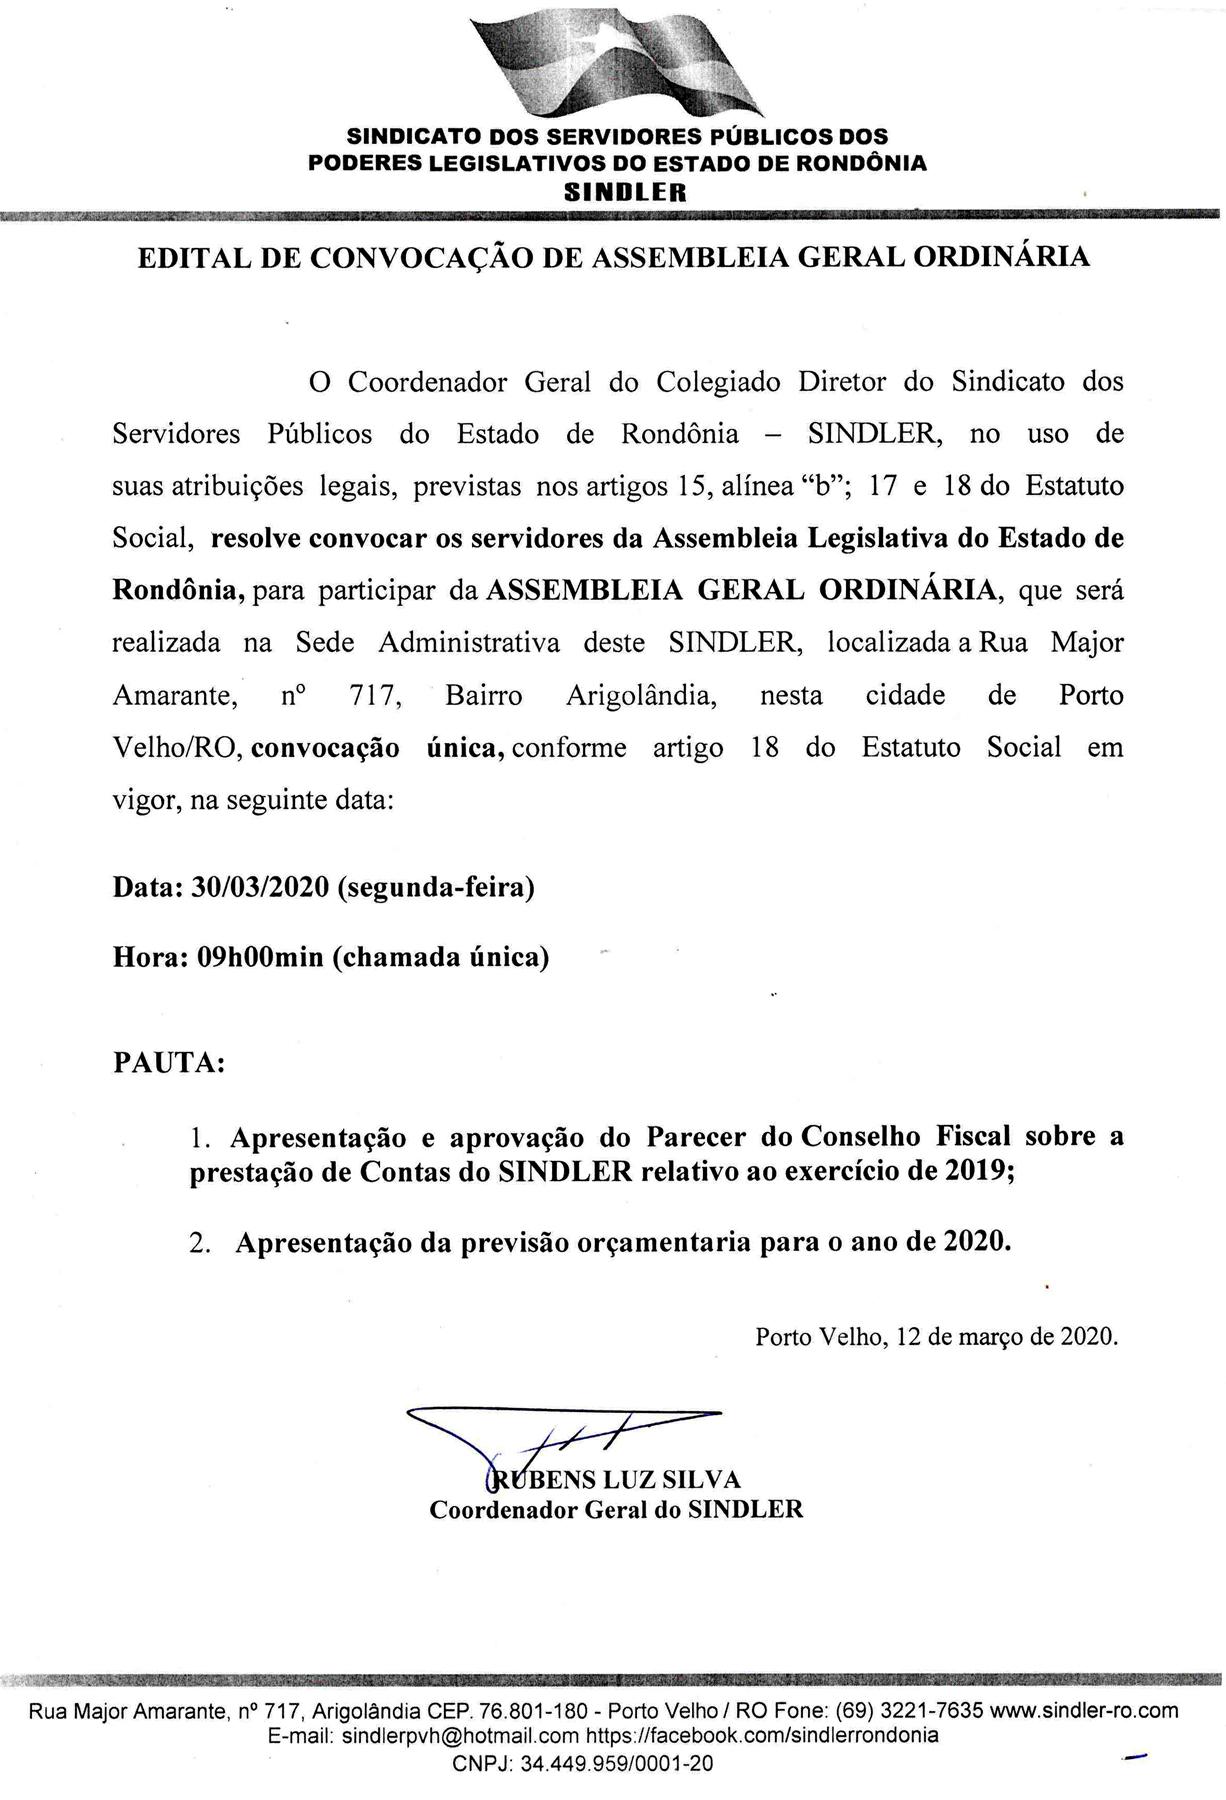 EDITAL DE CONVOCACAO AGO 30.03